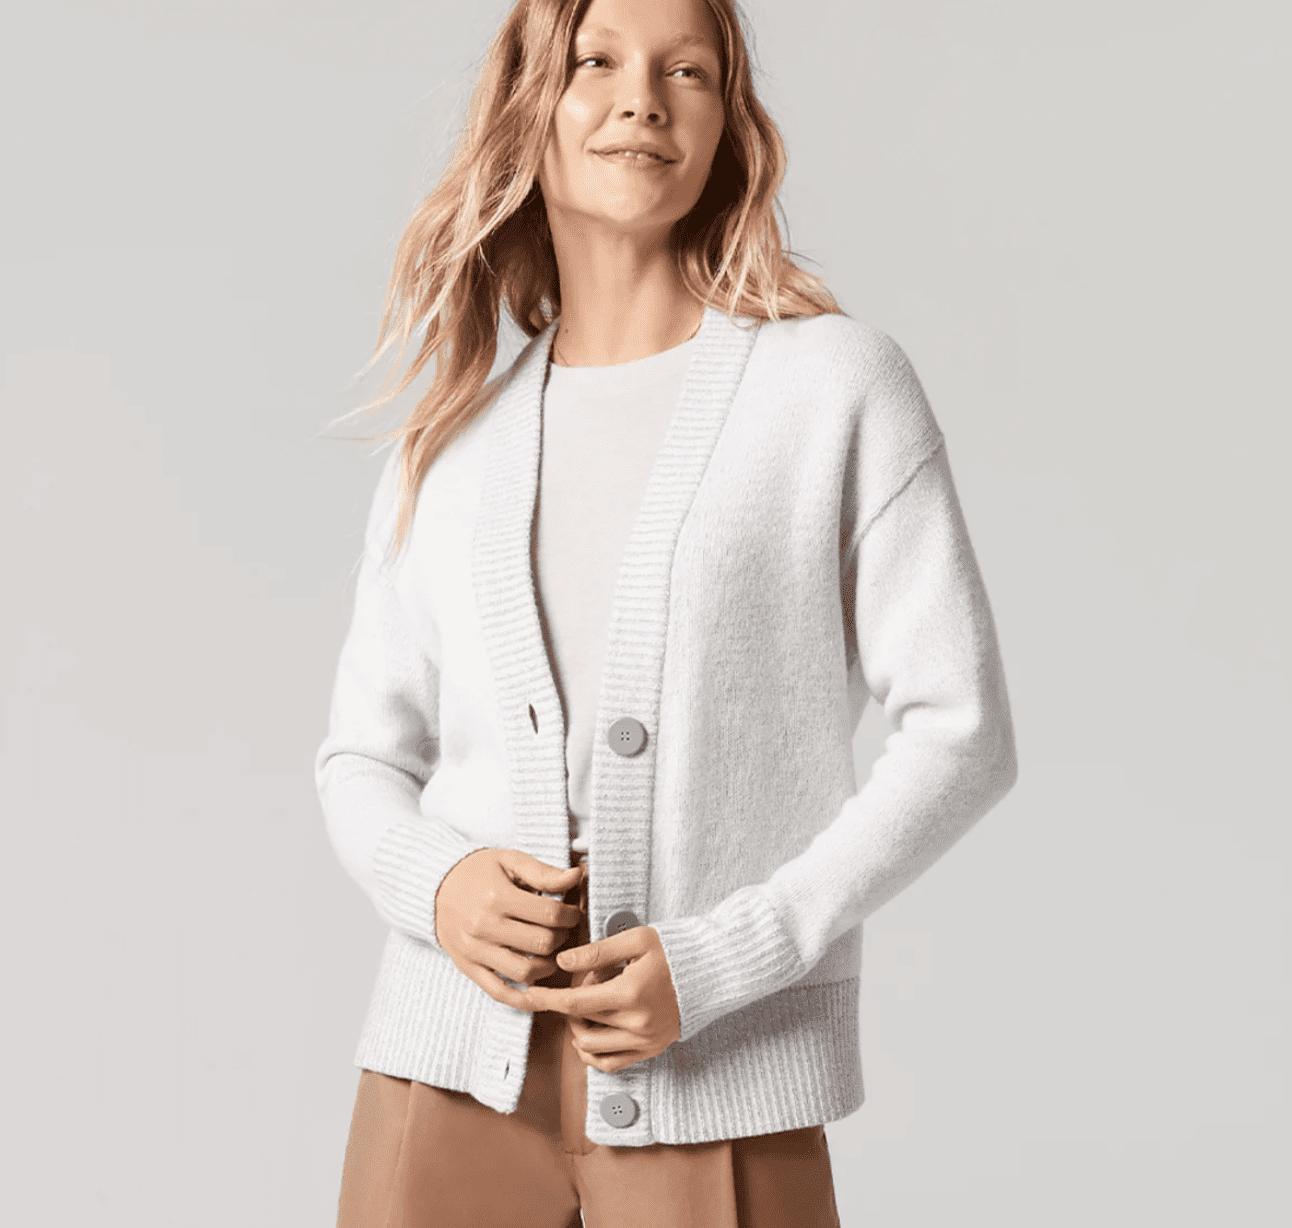 Allbirds Women's Wool Cardi